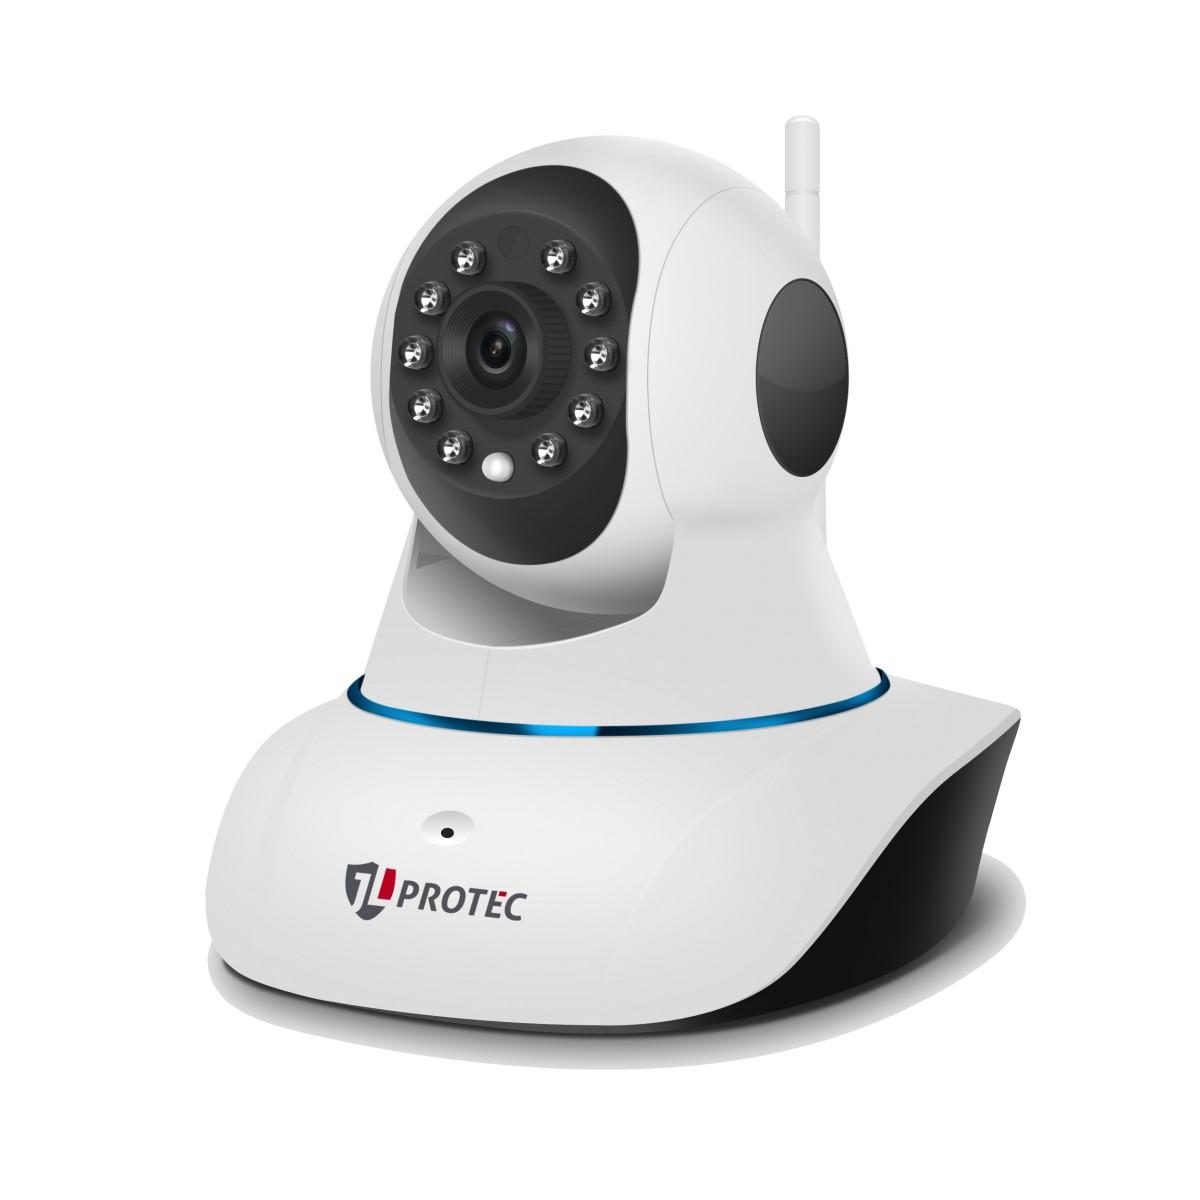 Imagem do produto Câmera Robô IP Wi-Fi / Rede